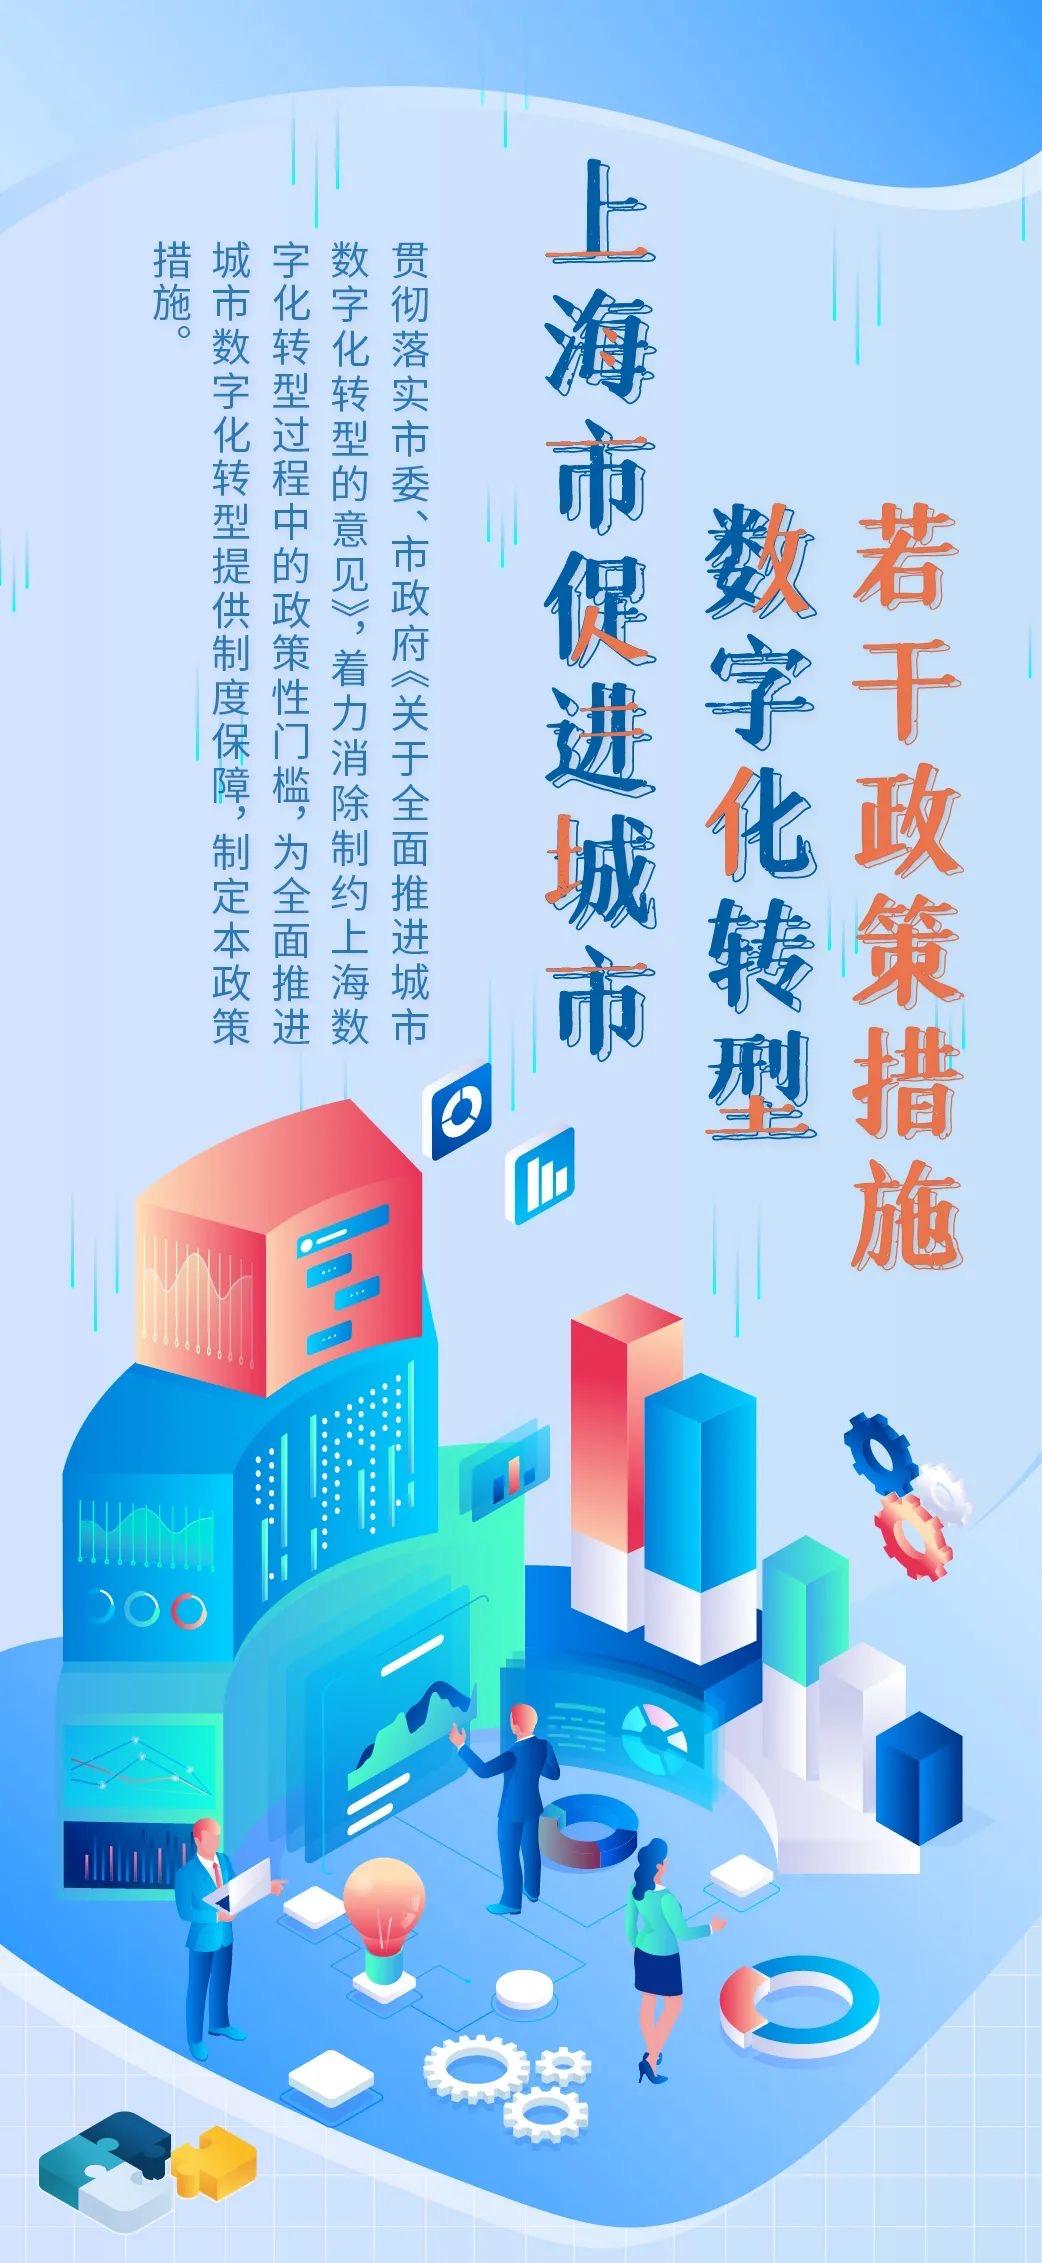 促进城市数字化转型 上海推出27项重要政策措施